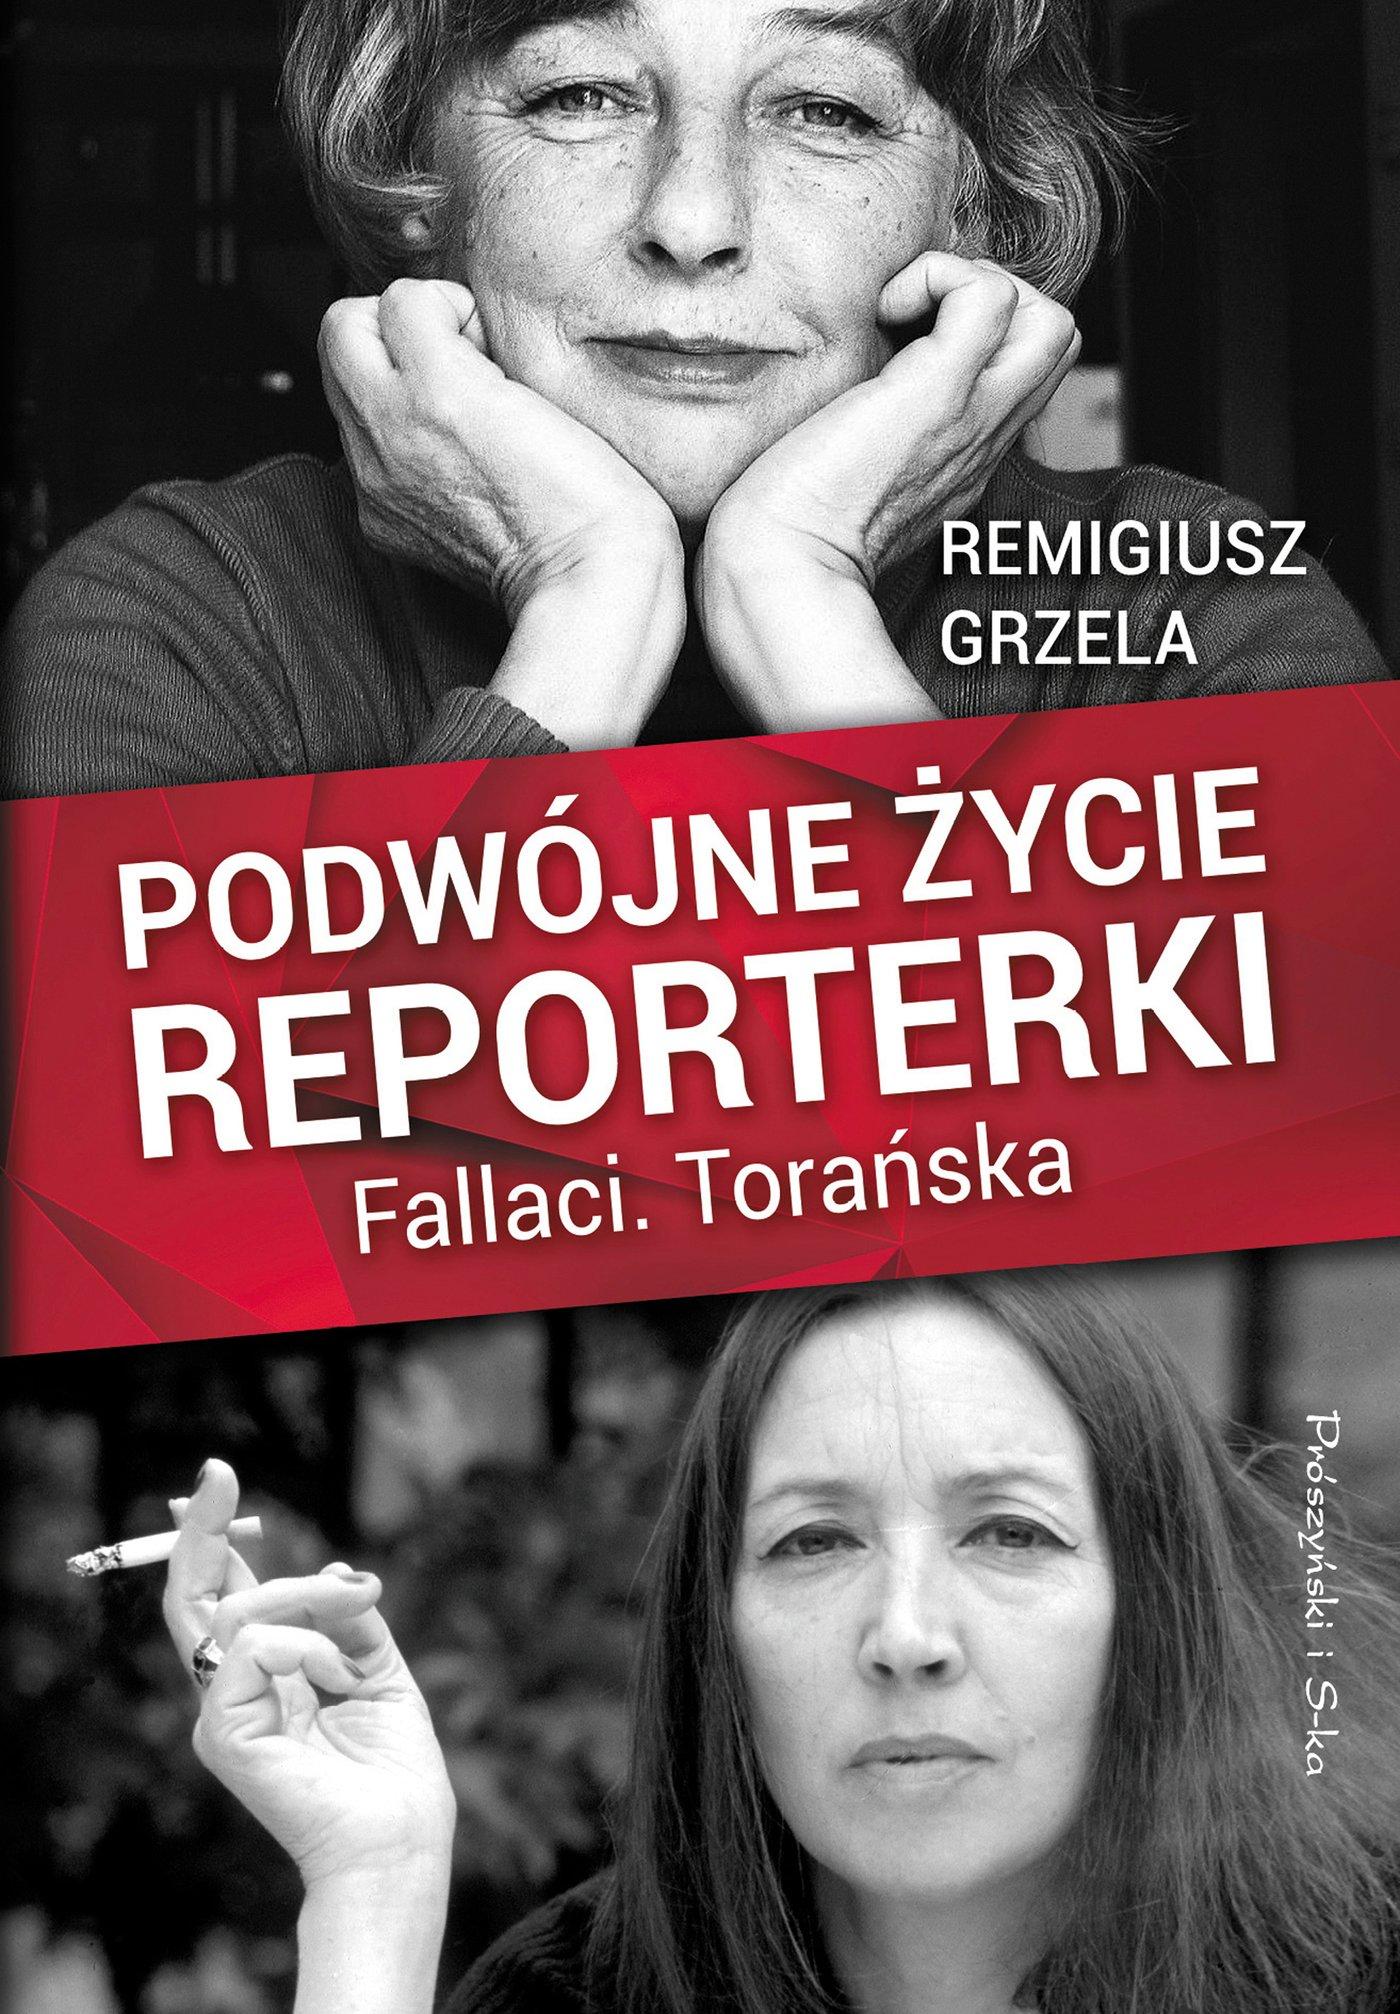 Podwójne życie reporterki. Fallaci. Torańska - Ebook (Książka EPUB) do pobrania w formacie EPUB